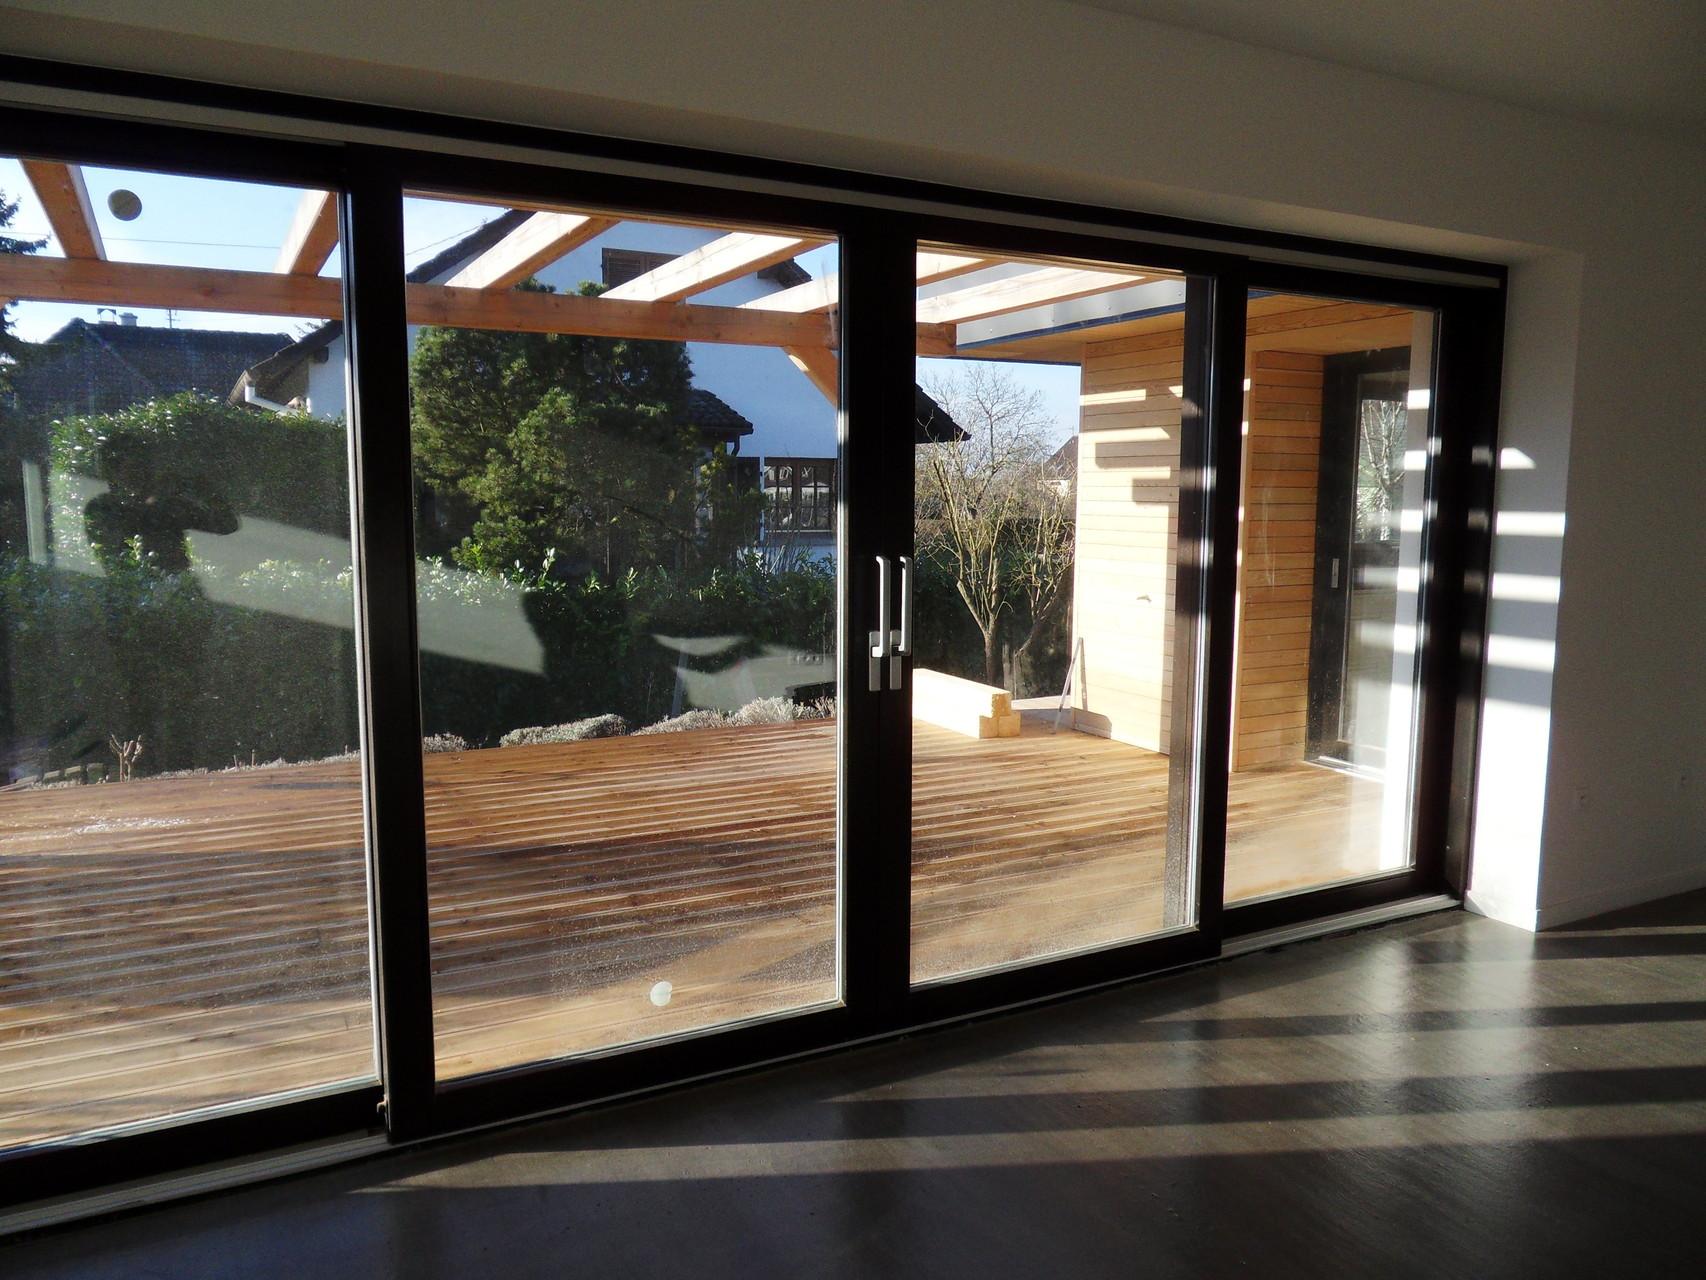 Des terrasses périphériques permettent de créer des relations intérieur-extérieur à tout point de la maison